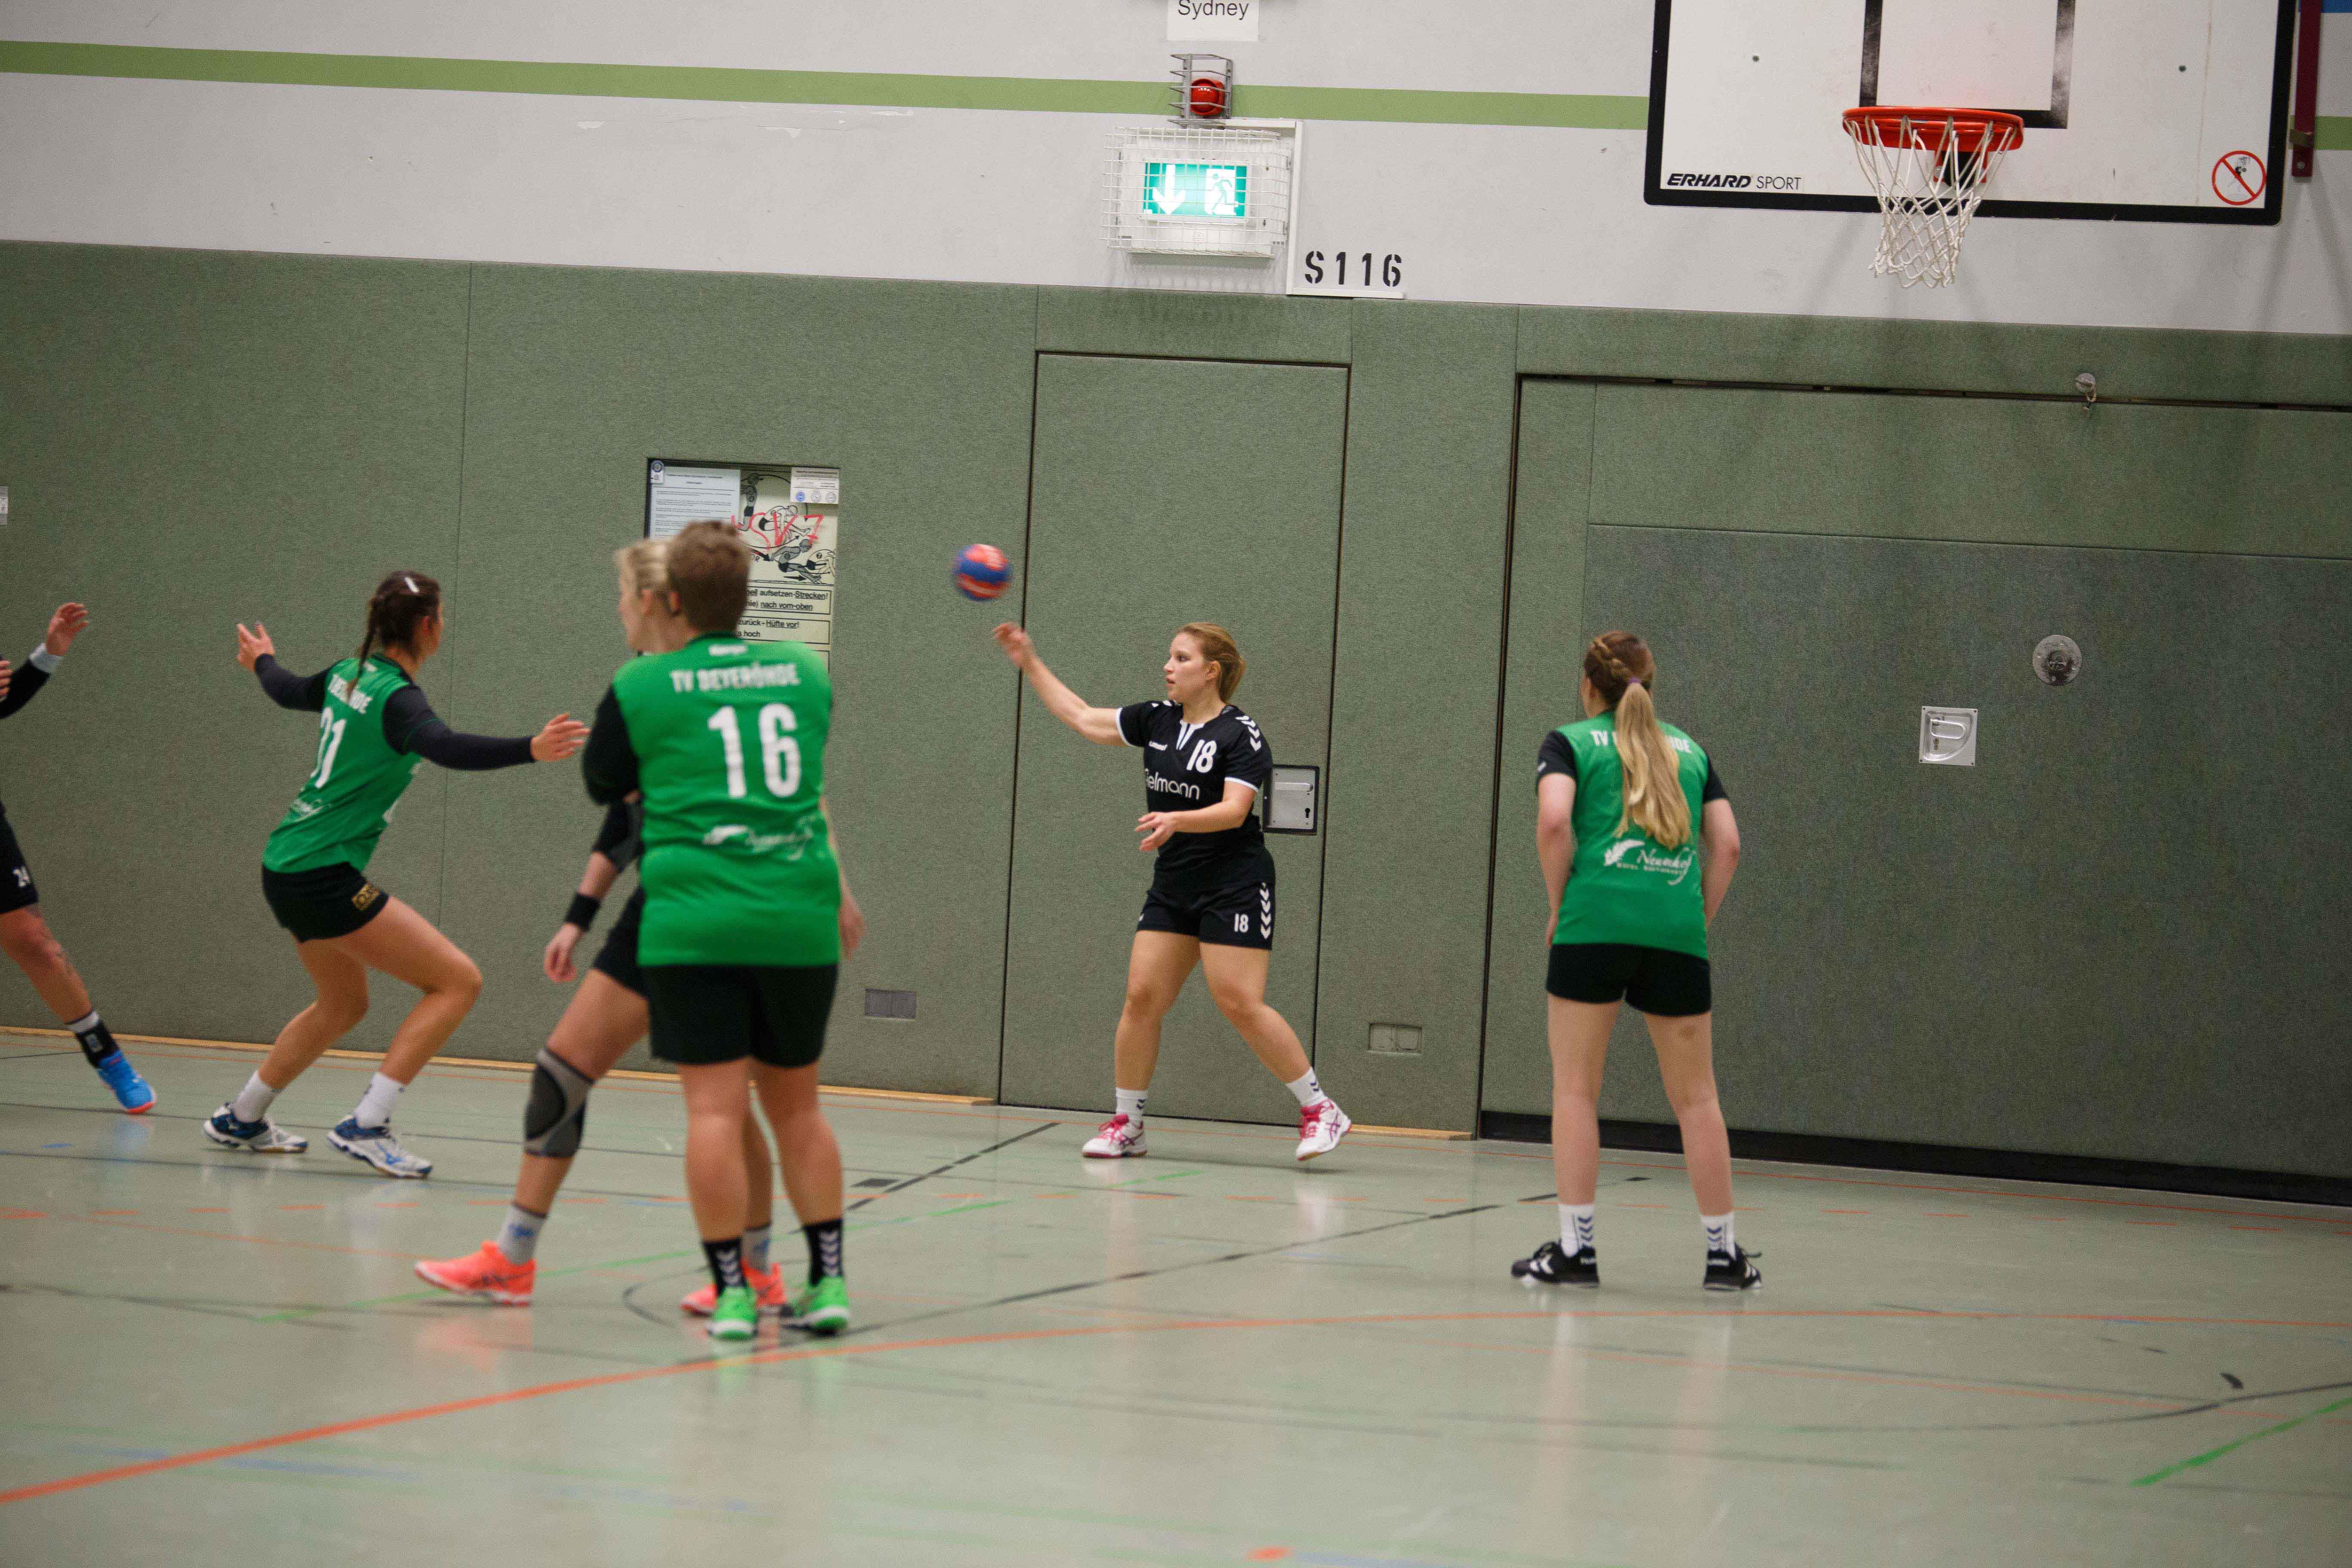 Handball0724